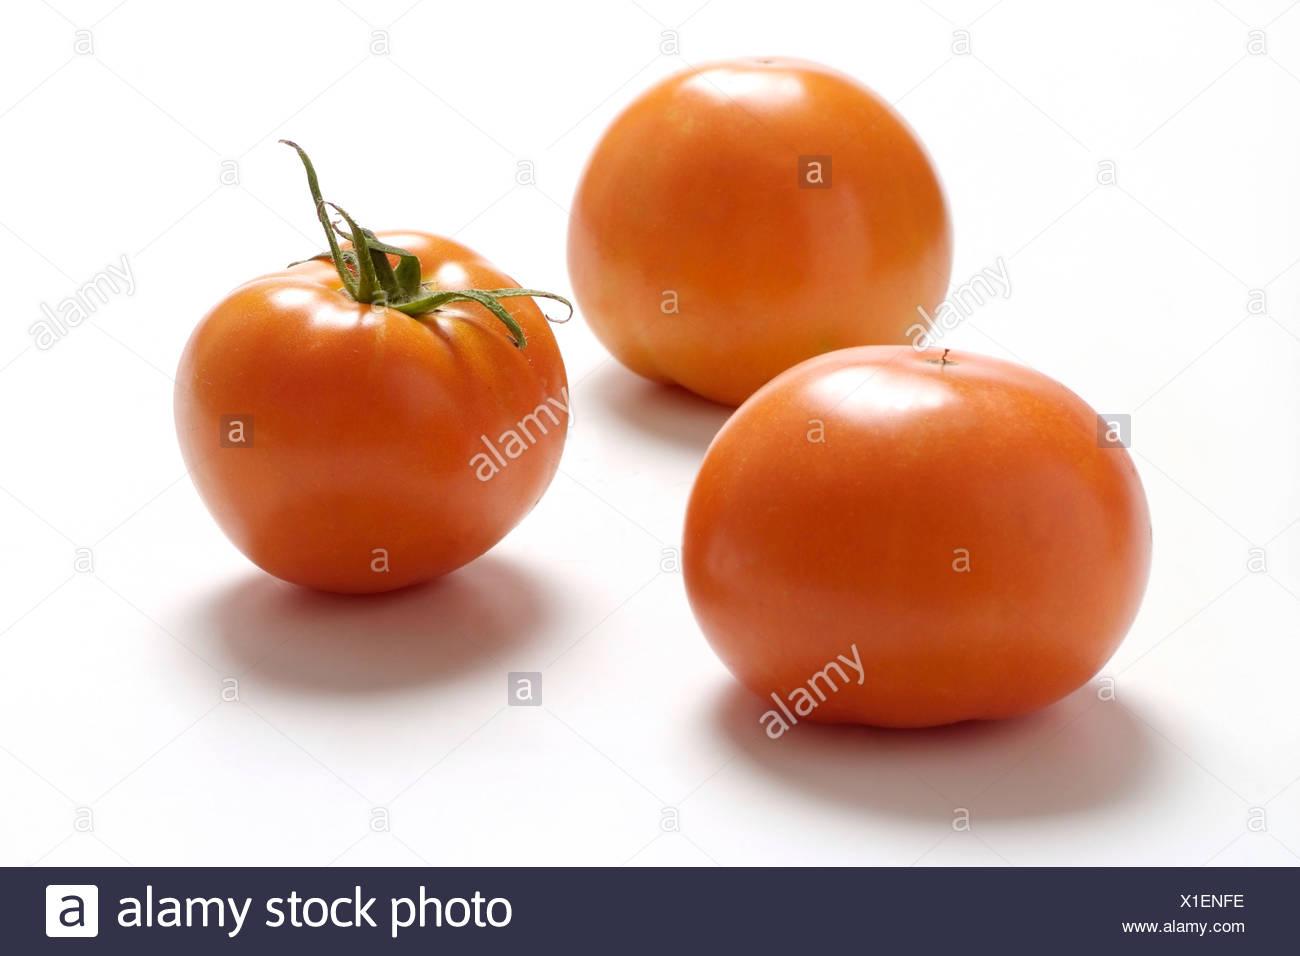 Tomato varieties: Carotina - Stock Image